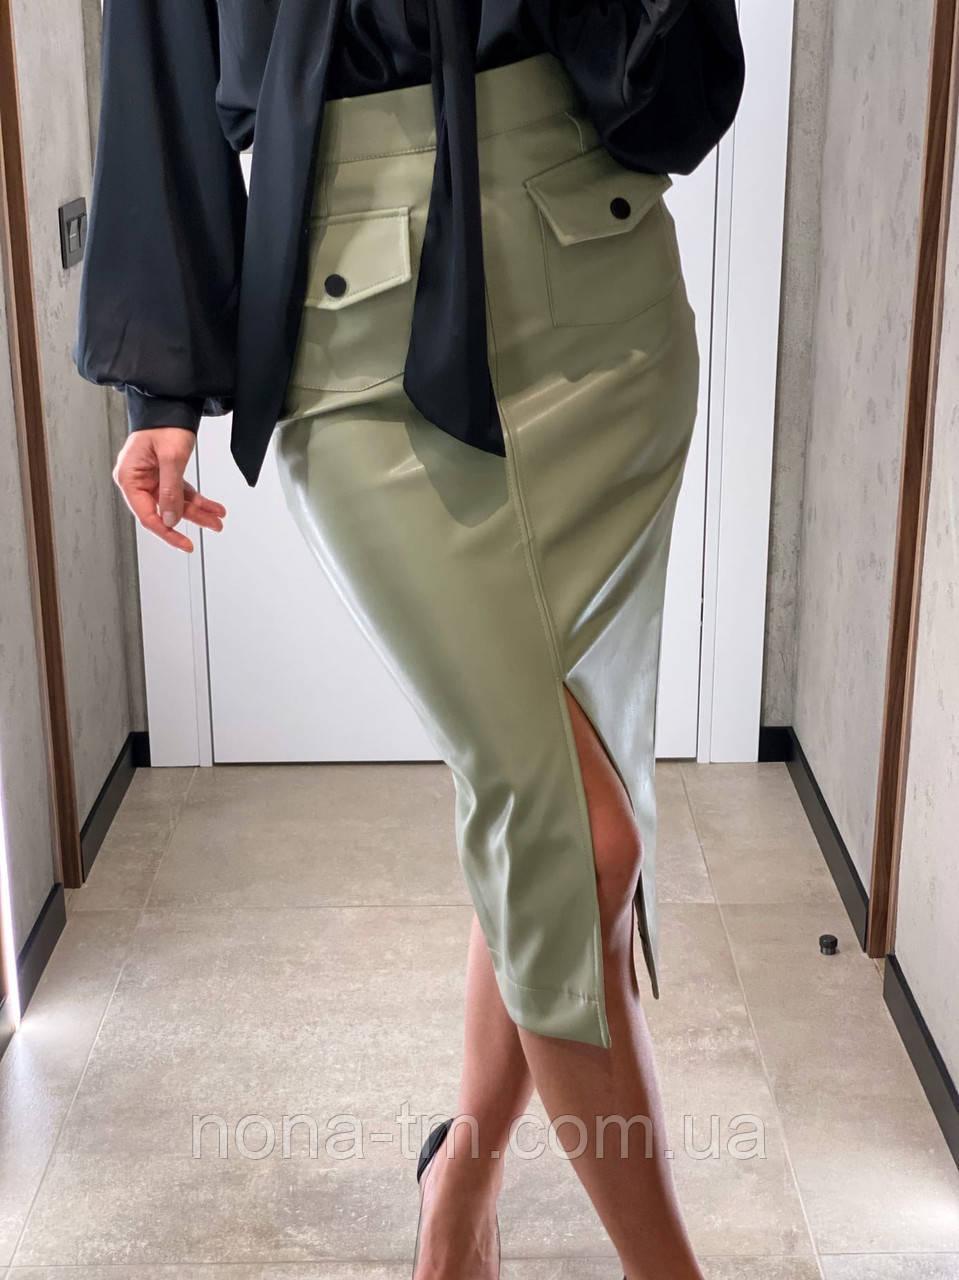 Стильная юбка женская из эко-кожи